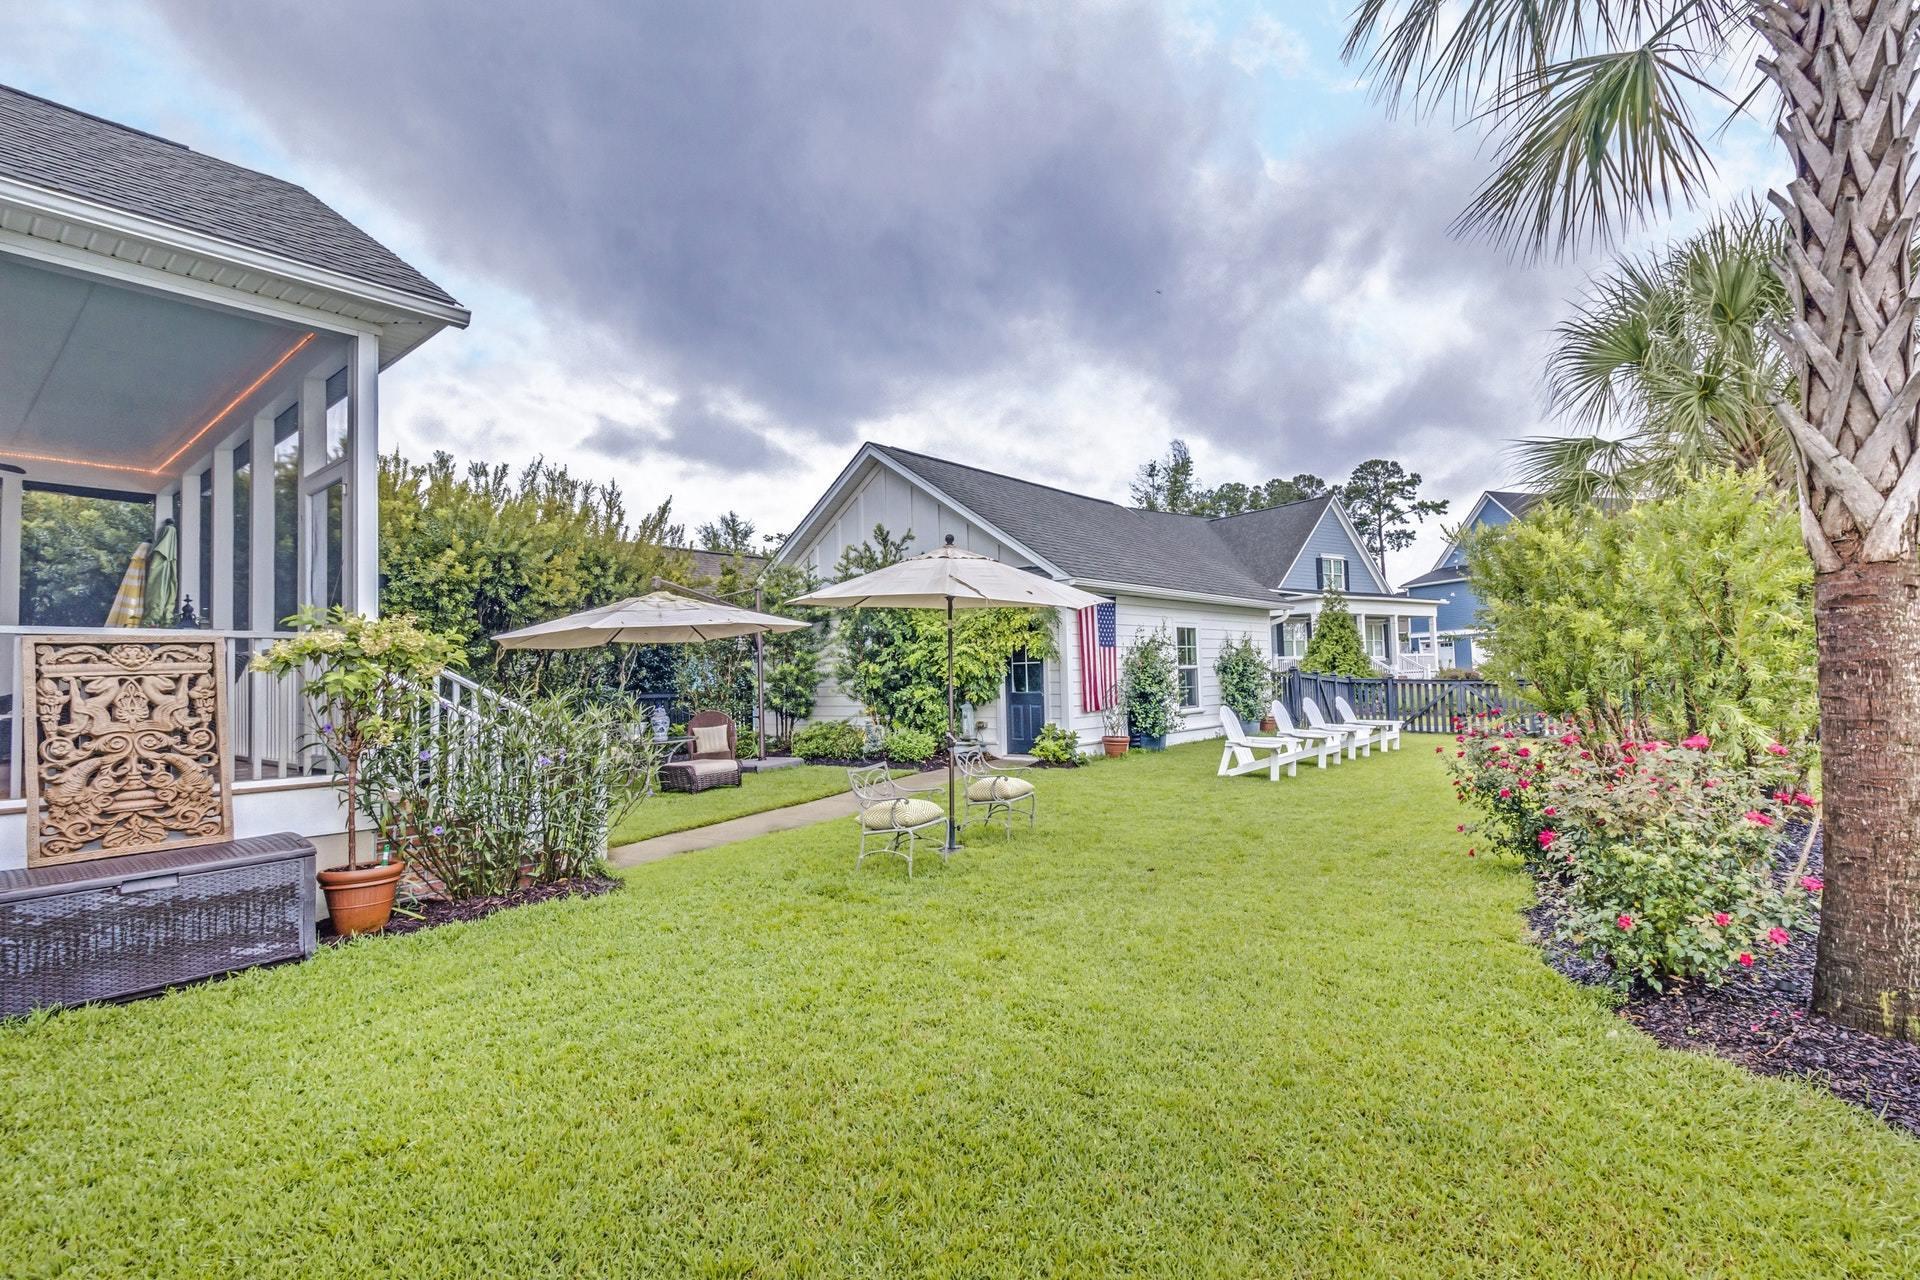 Dunes West Homes For Sale - 2816 River Vista, Mount Pleasant, SC - 26